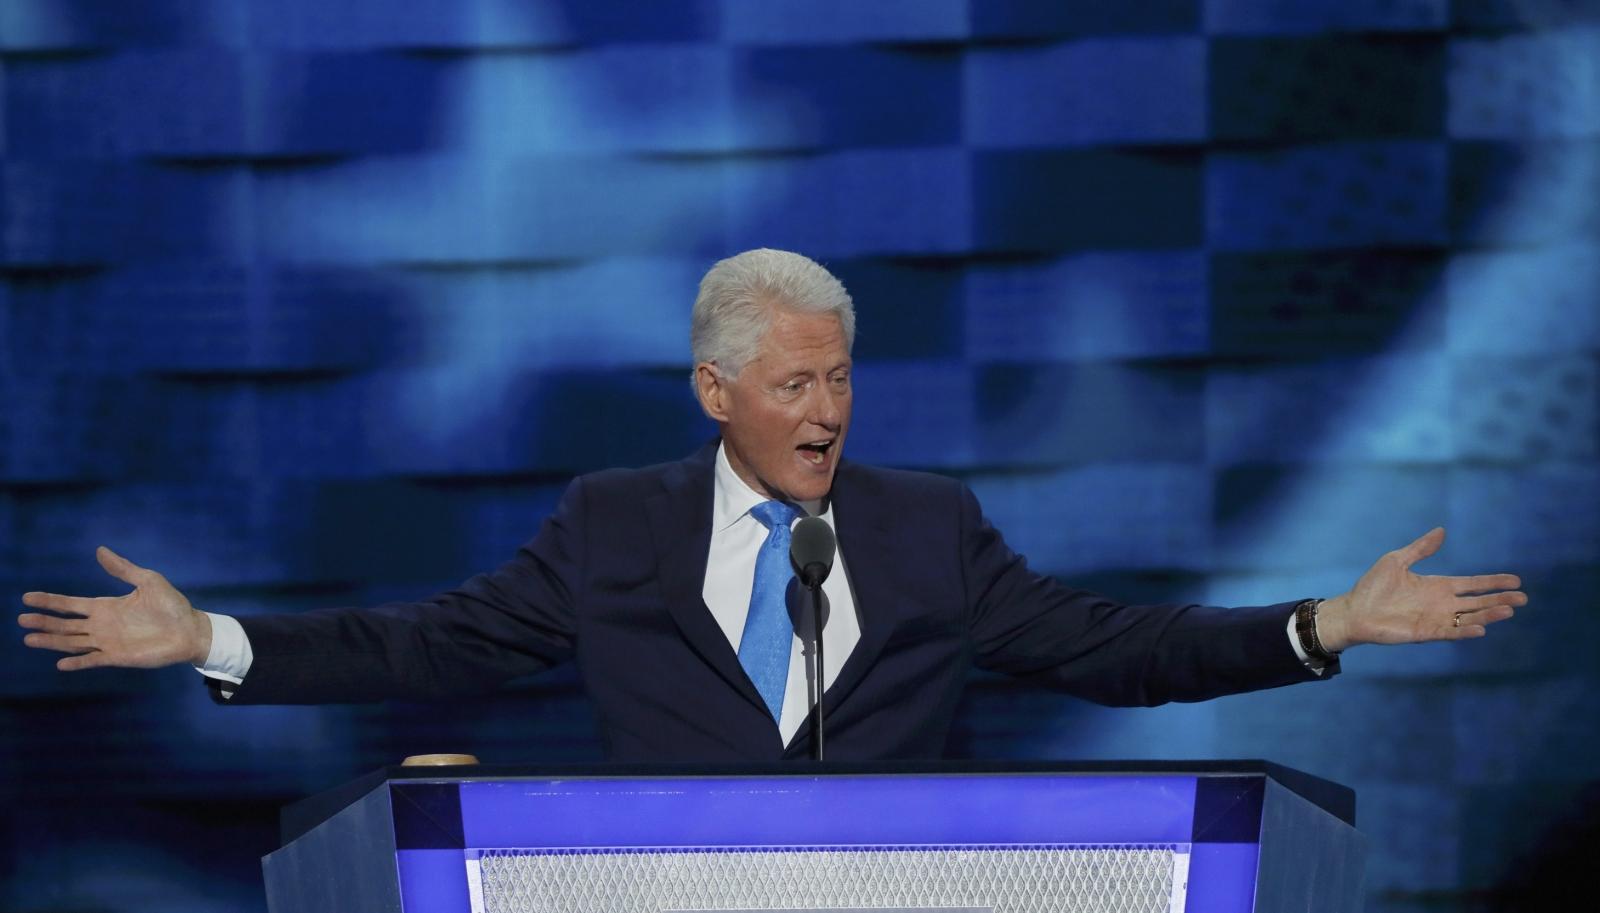 Bill Clinton DNC speech